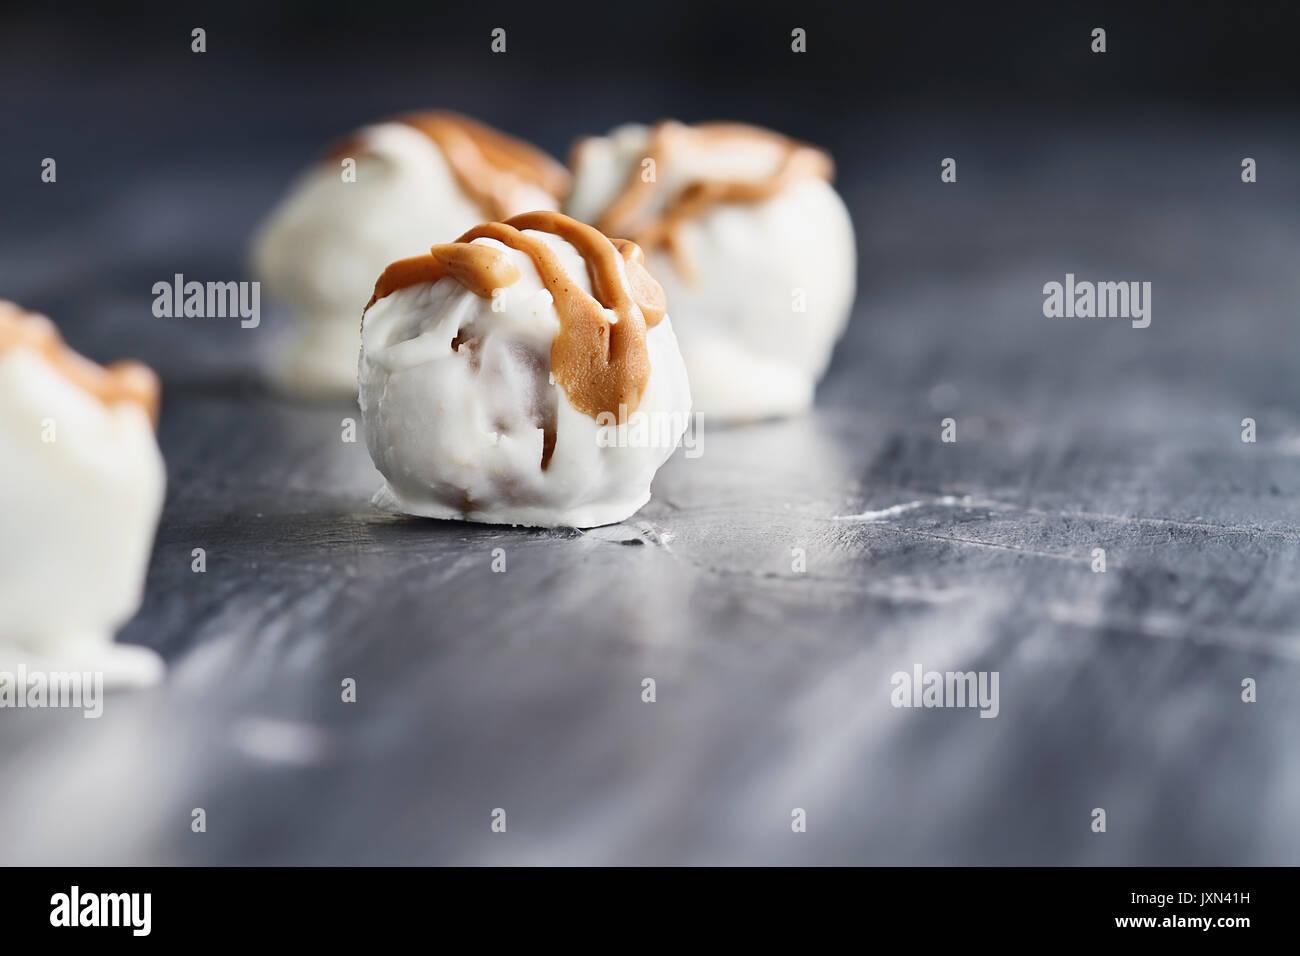 Trufas de chocolate blanco para Navidad o San Valentín aderezada con salsa de mantequilla de maní. Profundidad de campo extremas con el enfoque selectivo en c Foto de stock